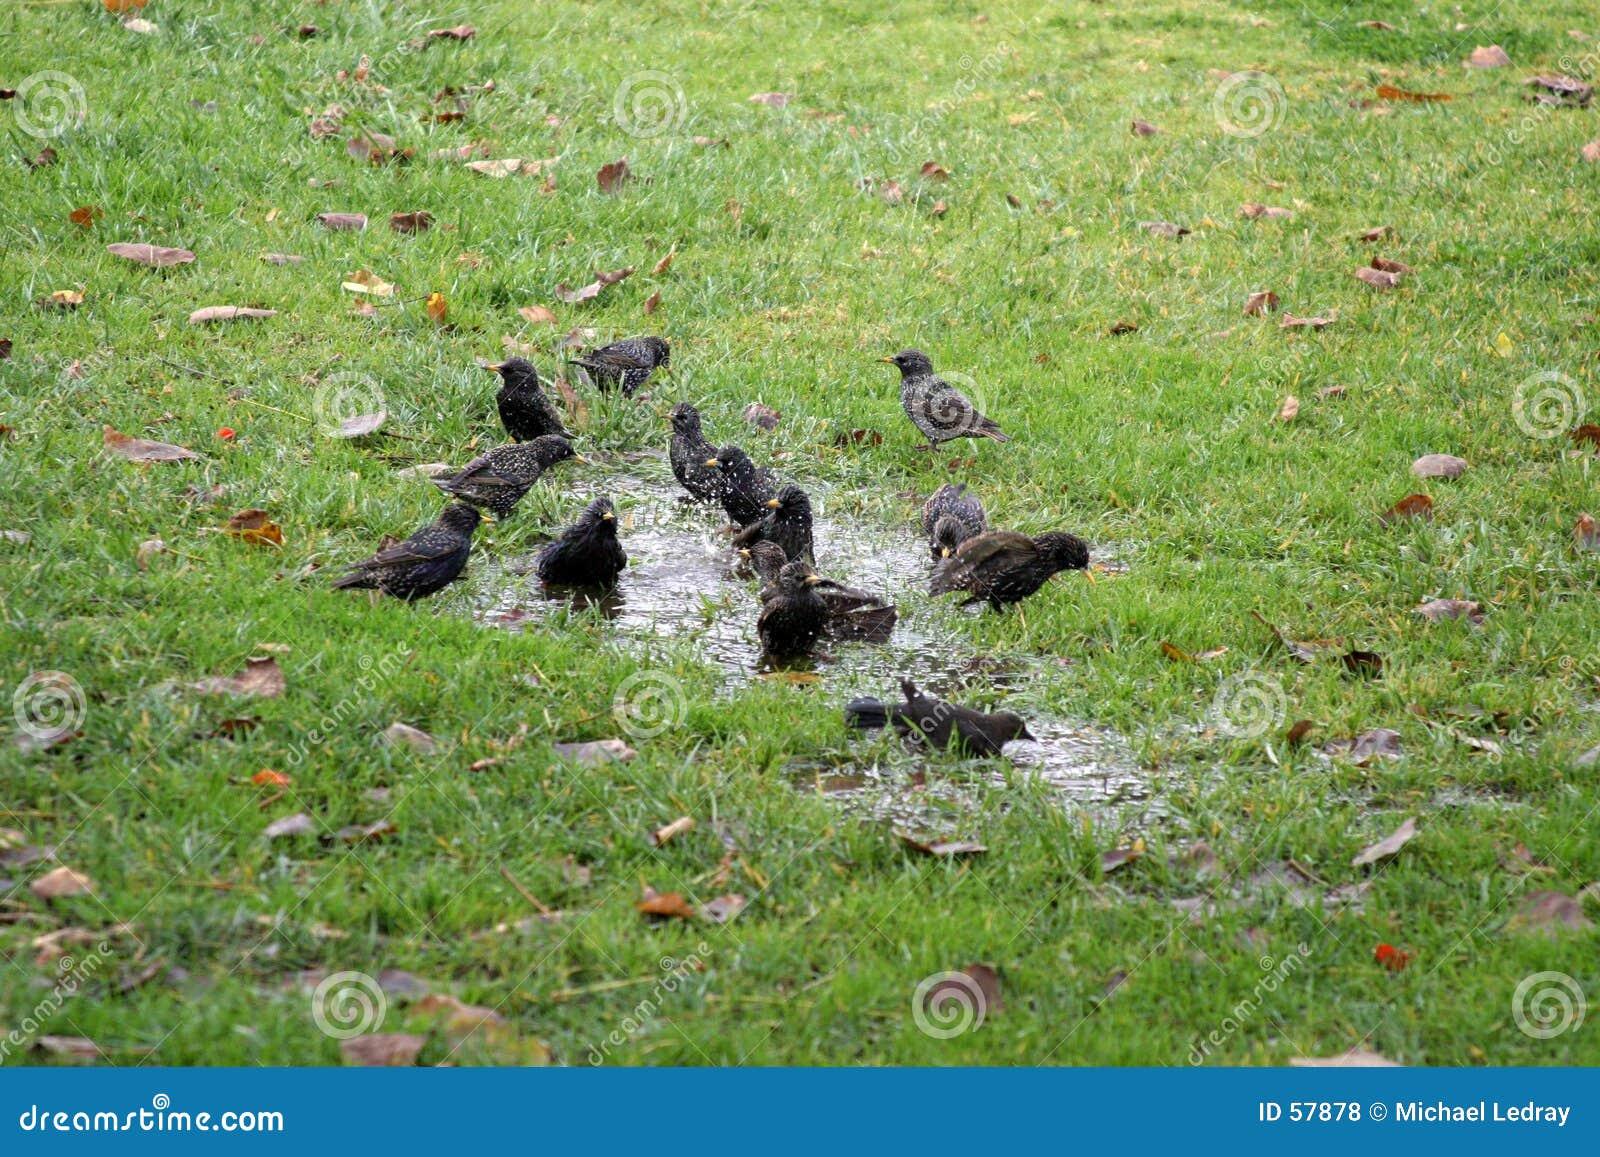 Ptak kąpielowy.